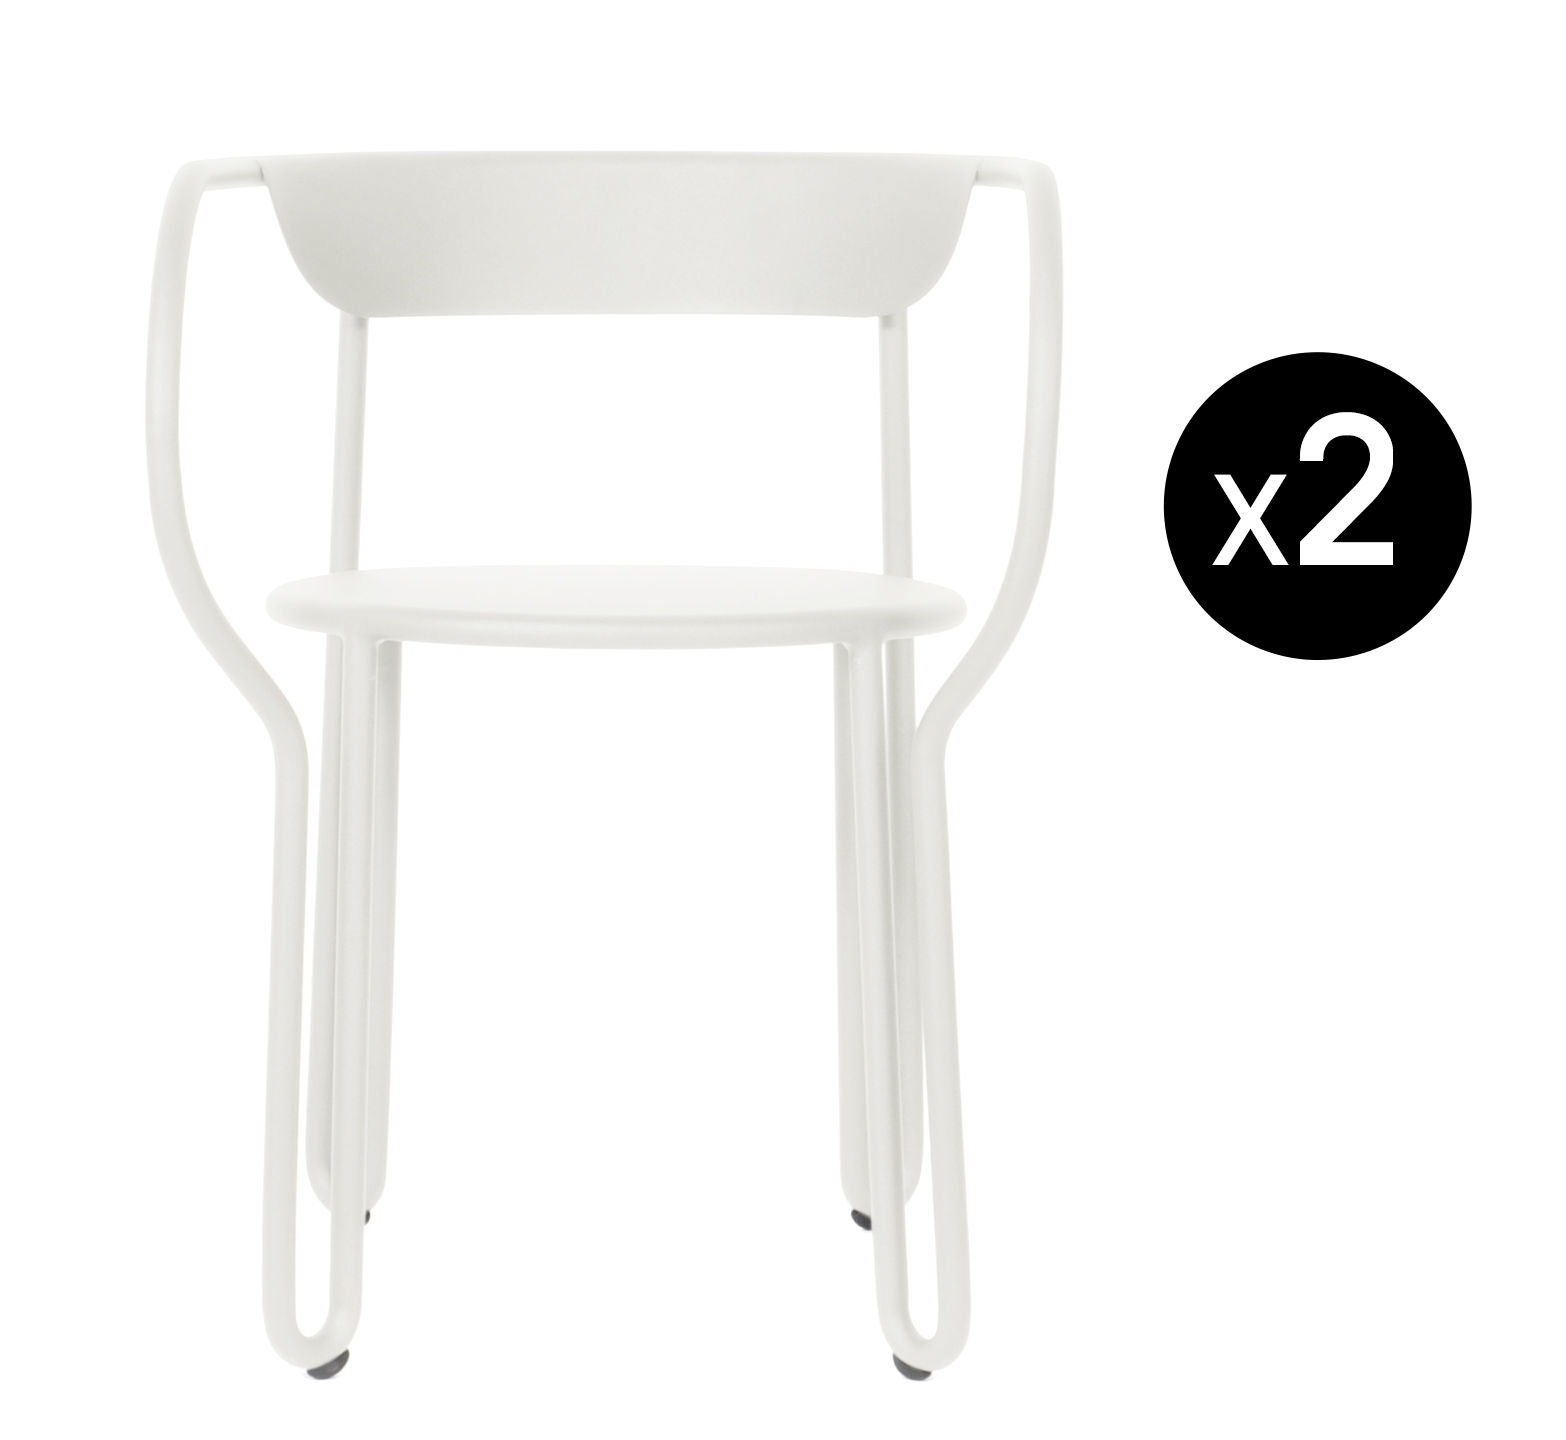 Mobilier - Chaises, fauteuils de salle à manger - Fauteuil Huggy / Lot de 2 - Aluminium - Maiori - Blanc - Aluminium peint